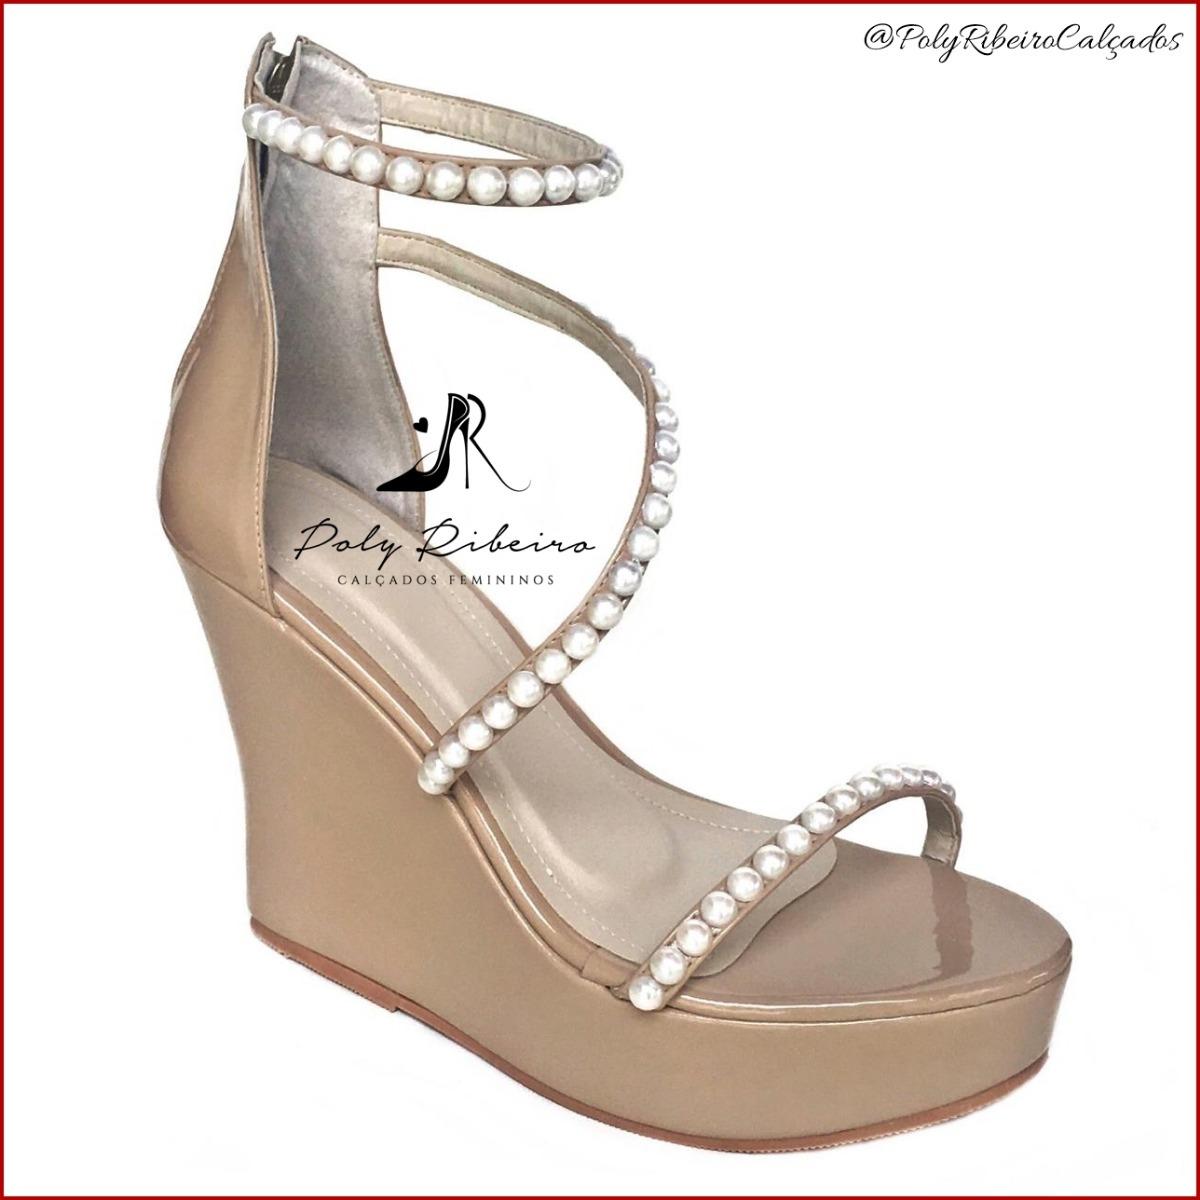 44ee86a35 sandália anabela delicada pérolas salto 12 cm - várias cores. Carregando  zoom.